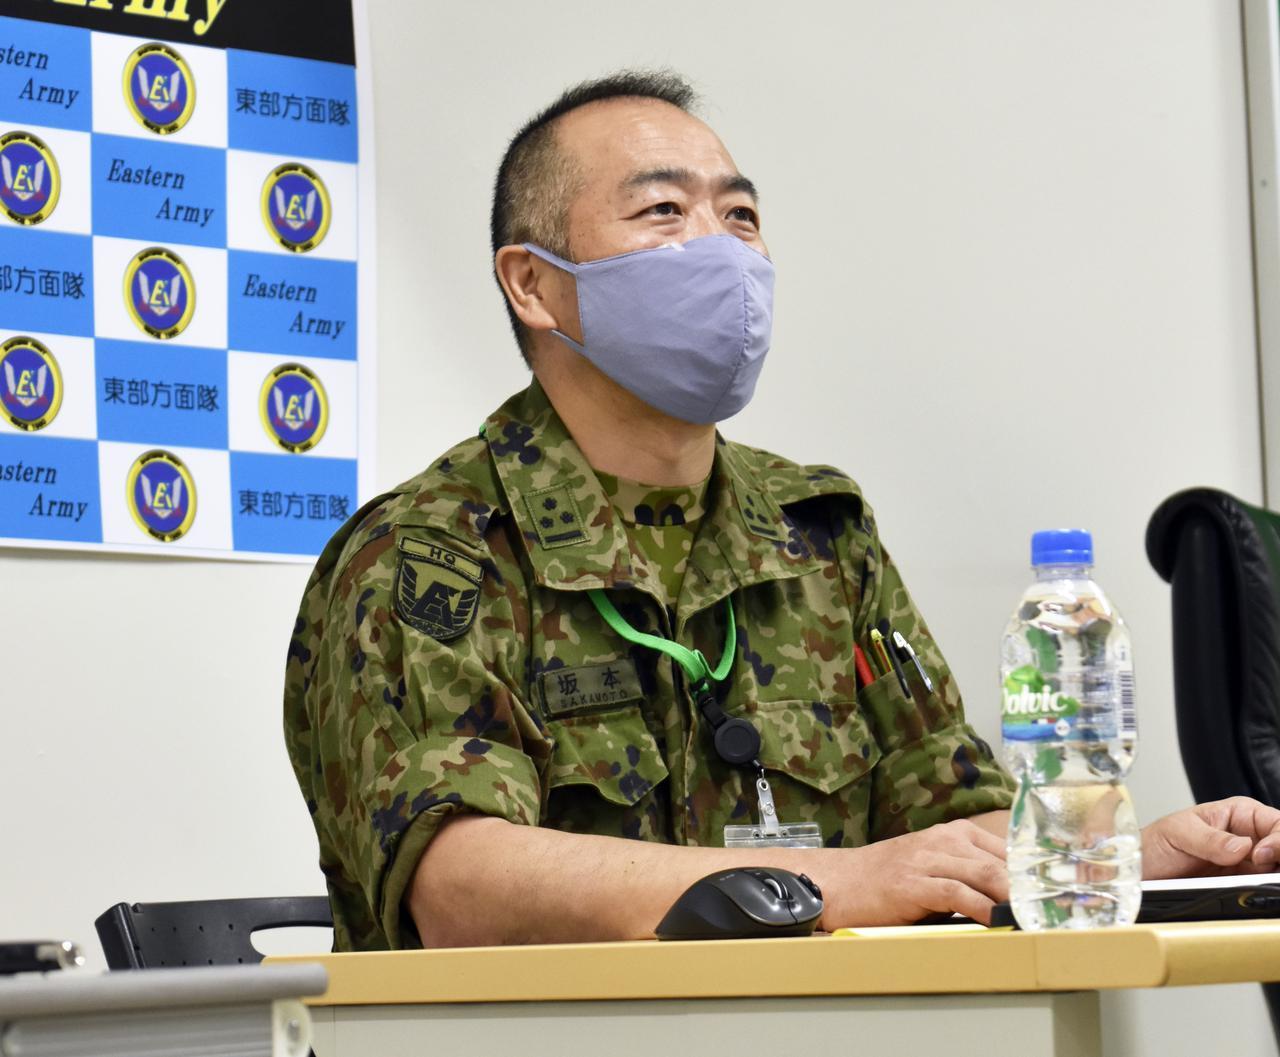 画像: 東方心理幹部の坂本1陸尉